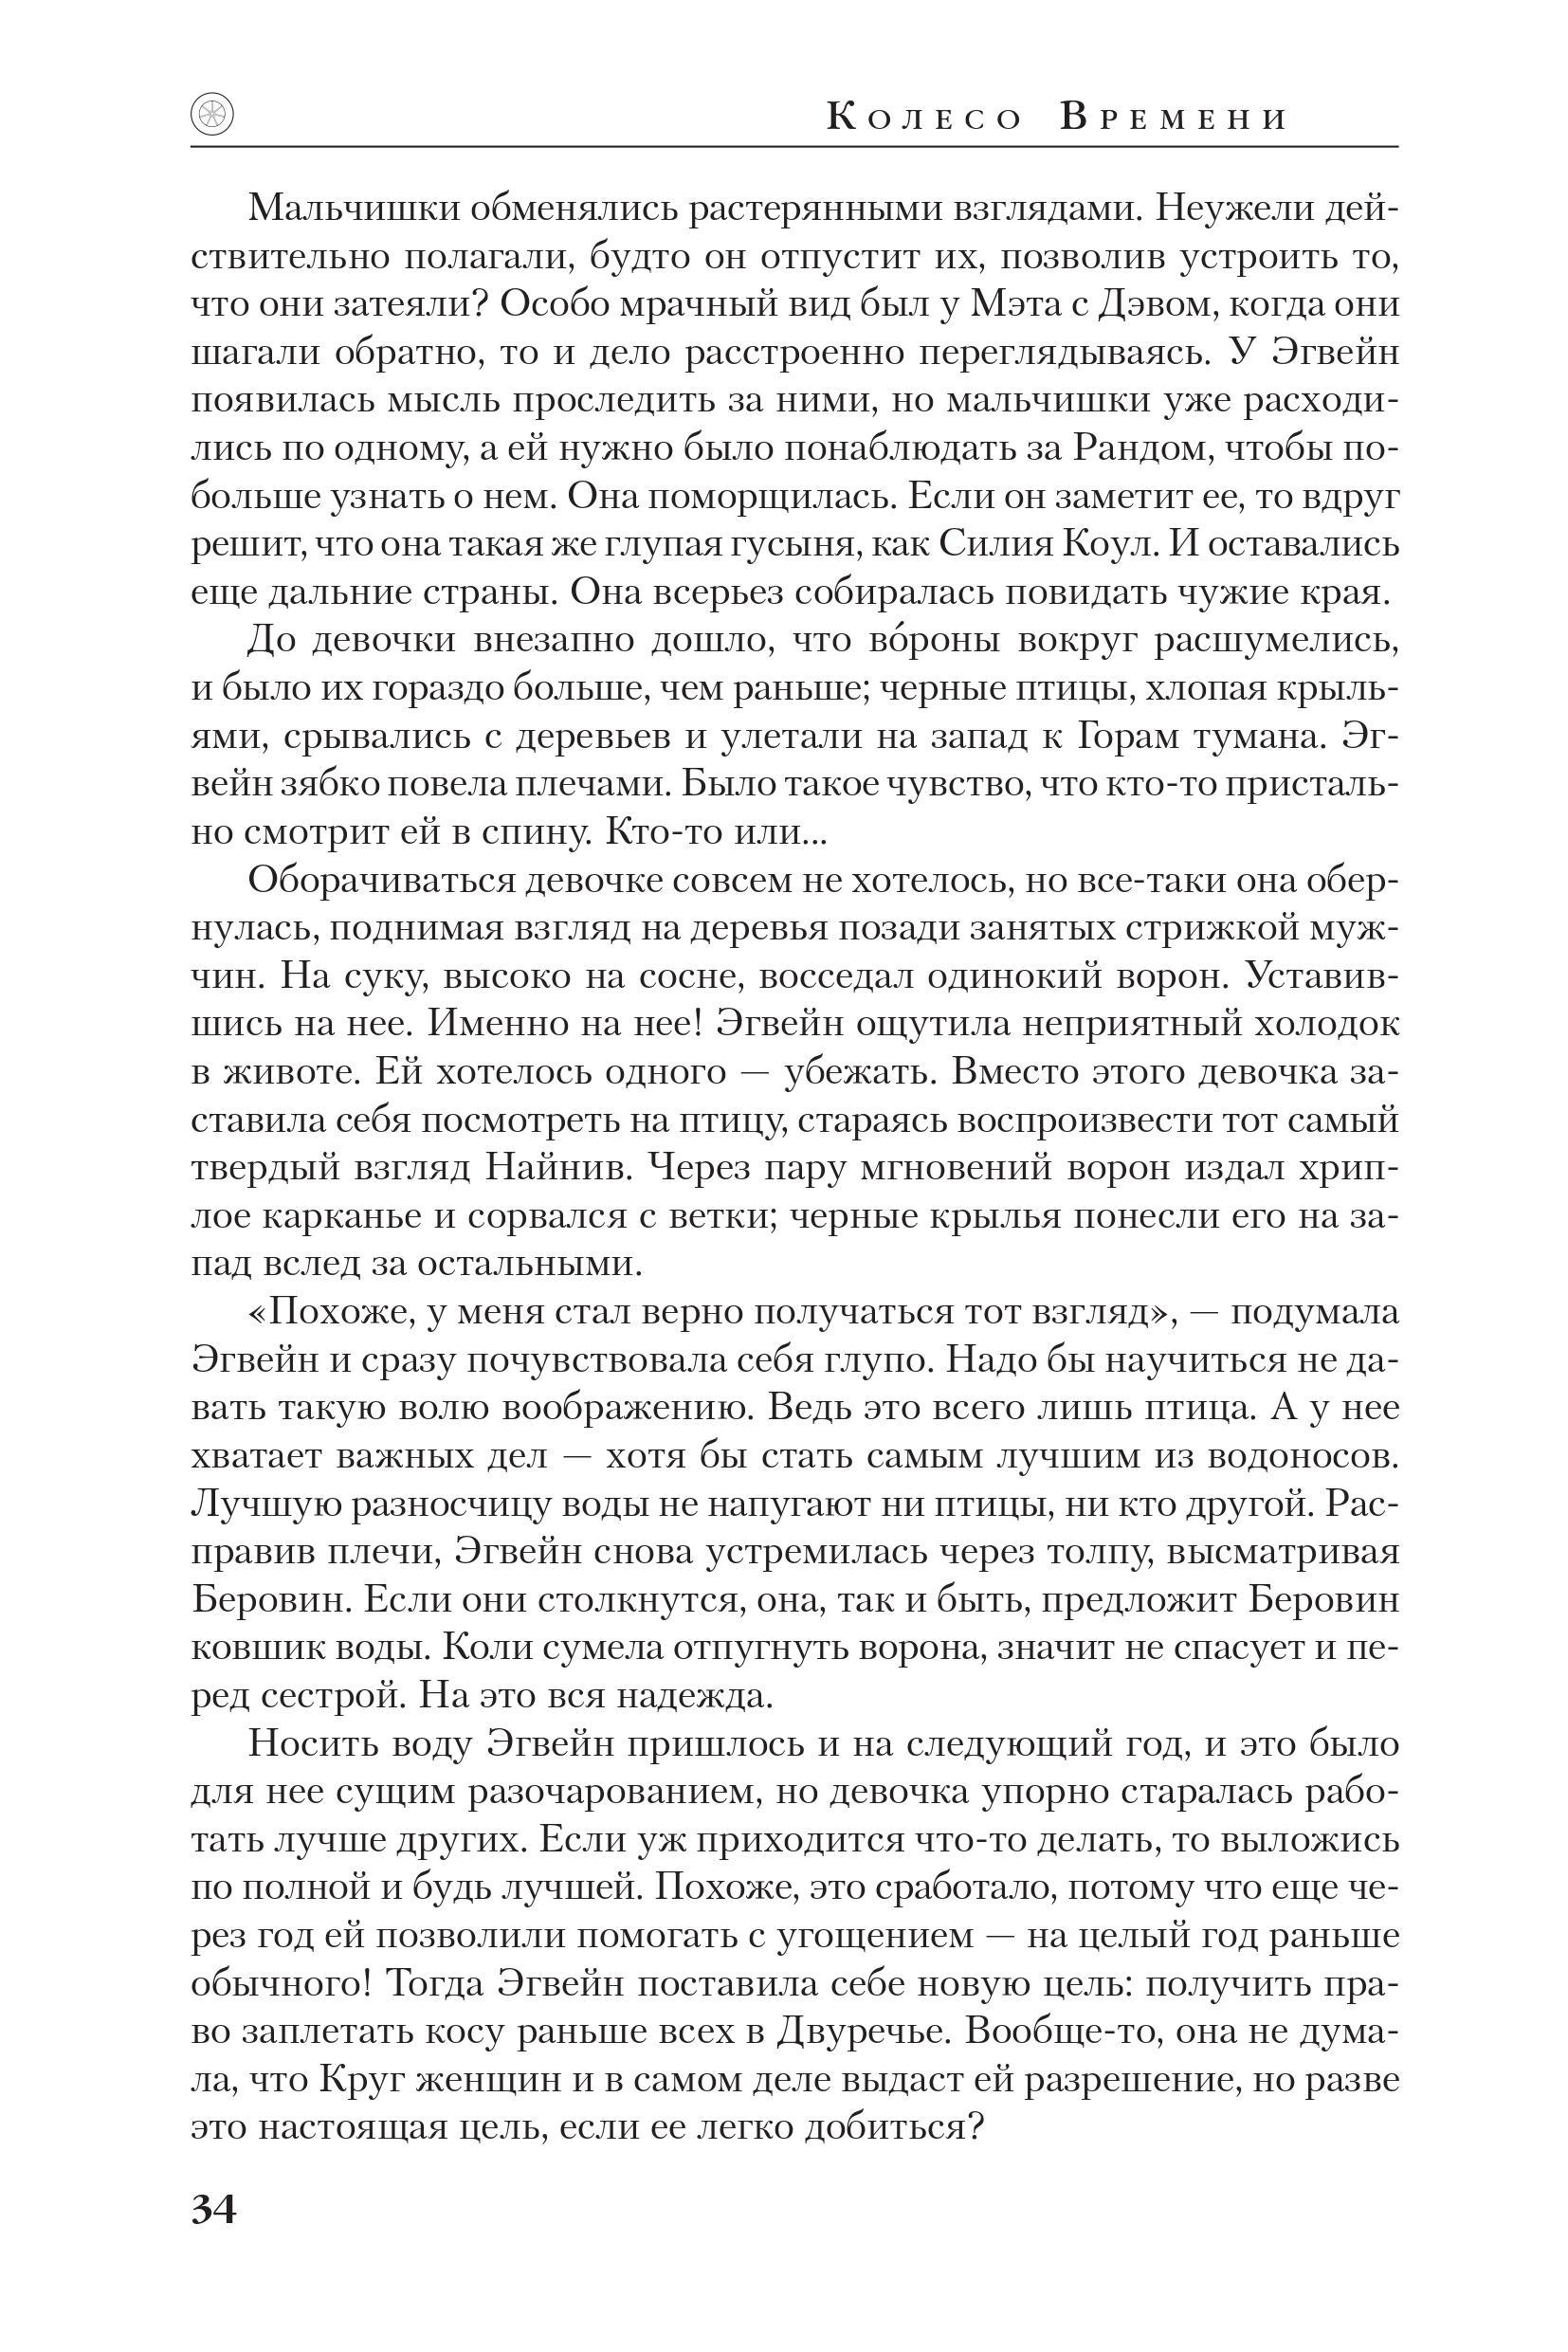 «Вороны»: отрывок изпереиздания романа «Око мира», первой части «Колеса времени» 31